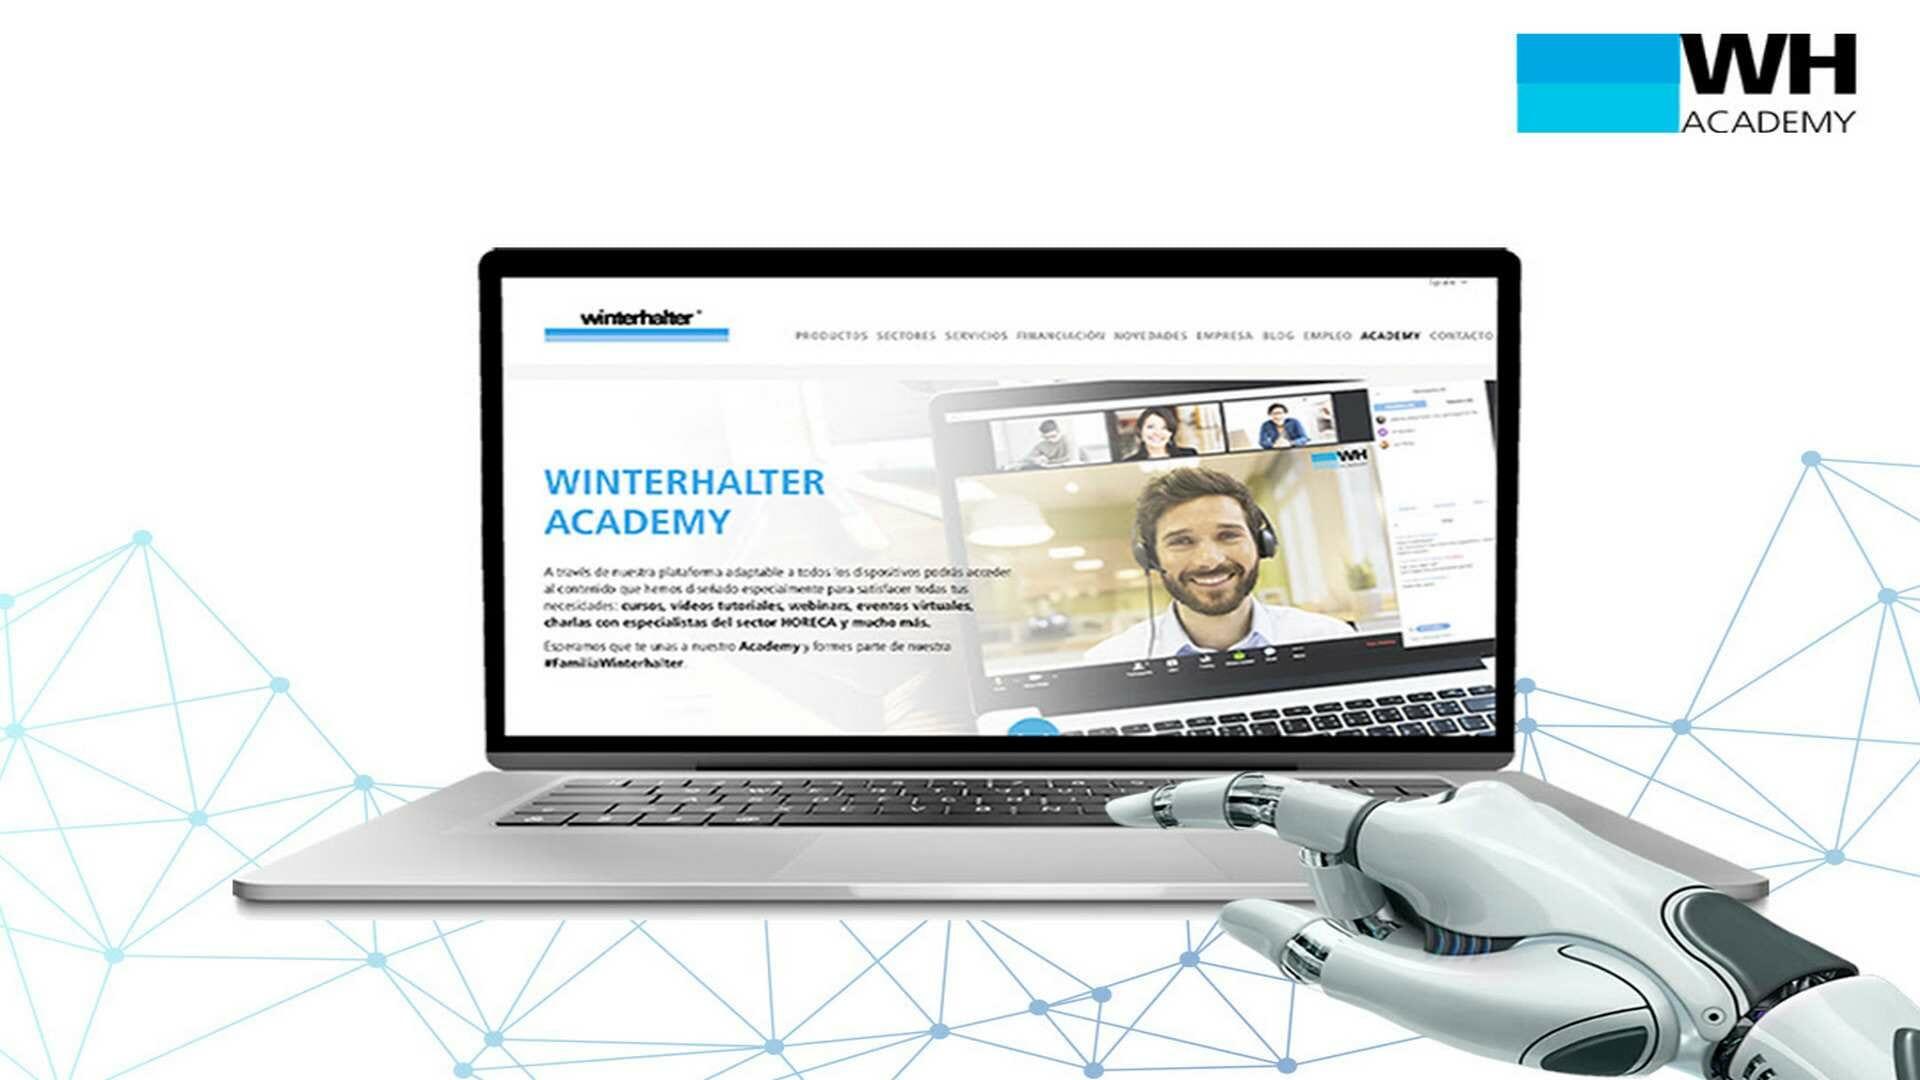 Winterhalter Academy, una academia orientada a los profesionales